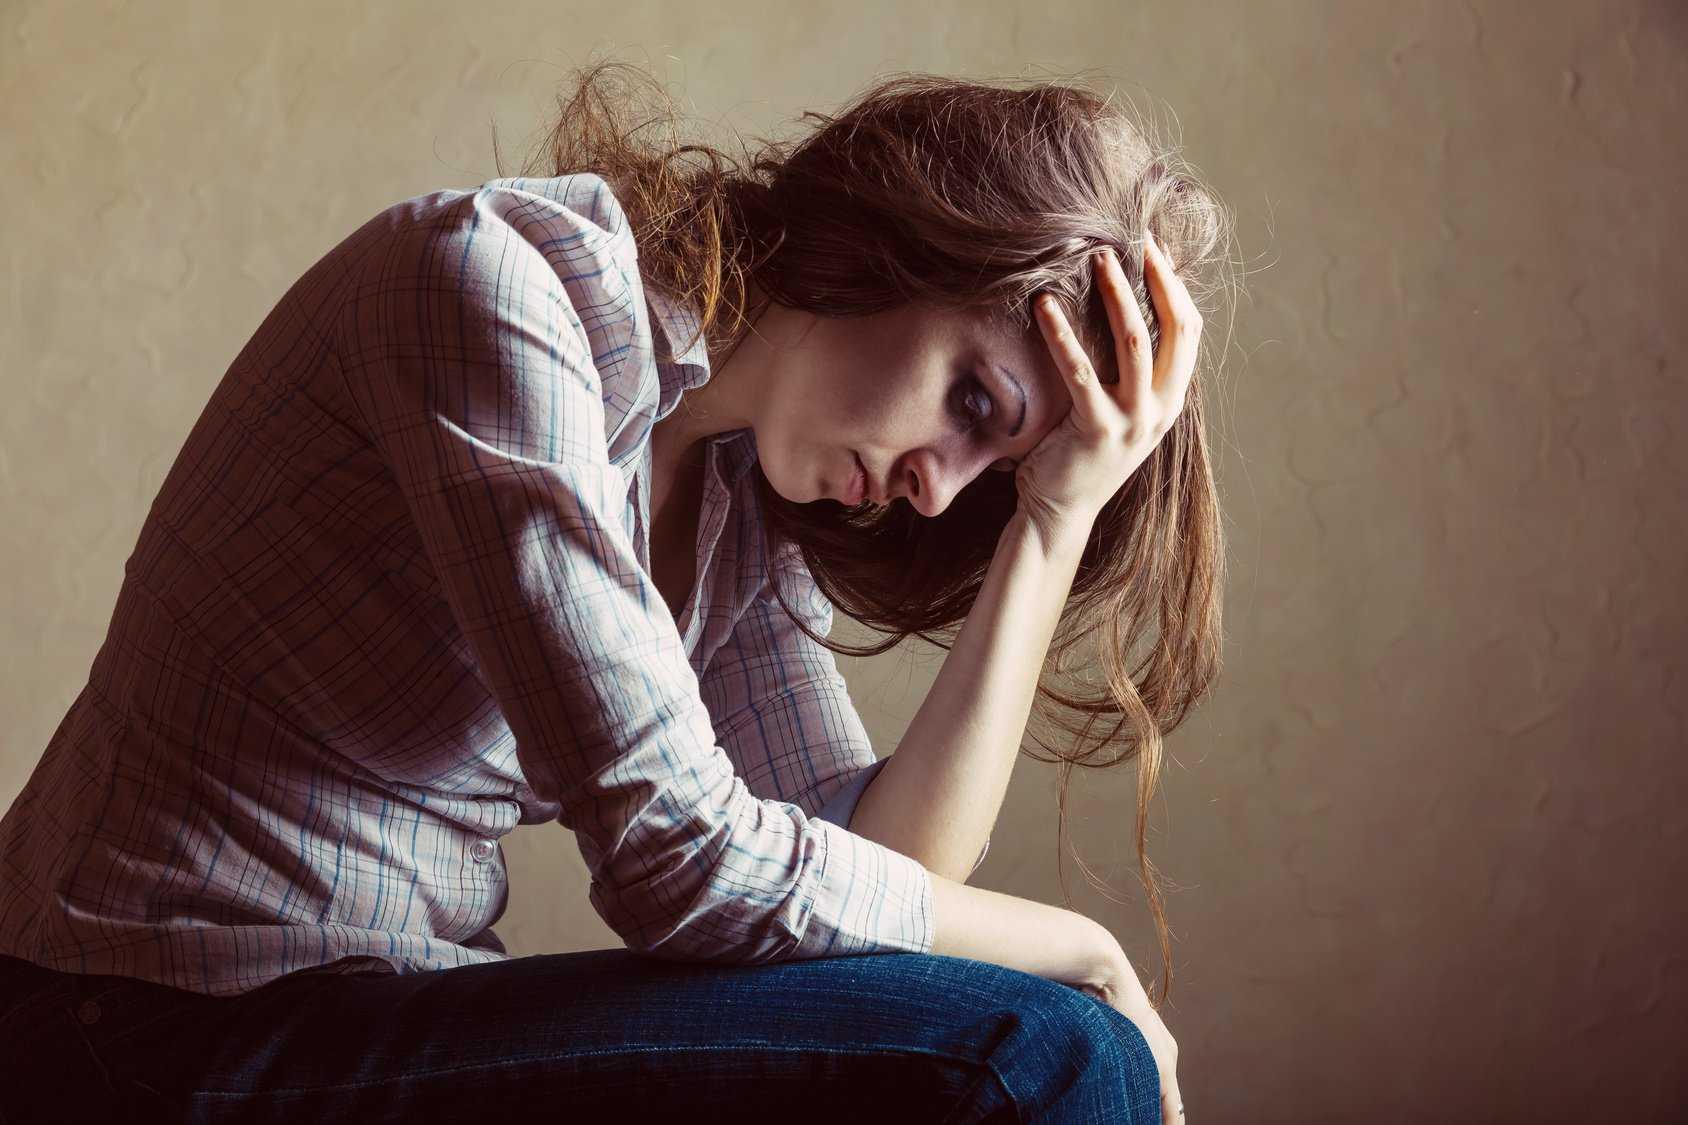 Как выйти из глубокой затяжной депрессии: симптомы, признаки и лечение